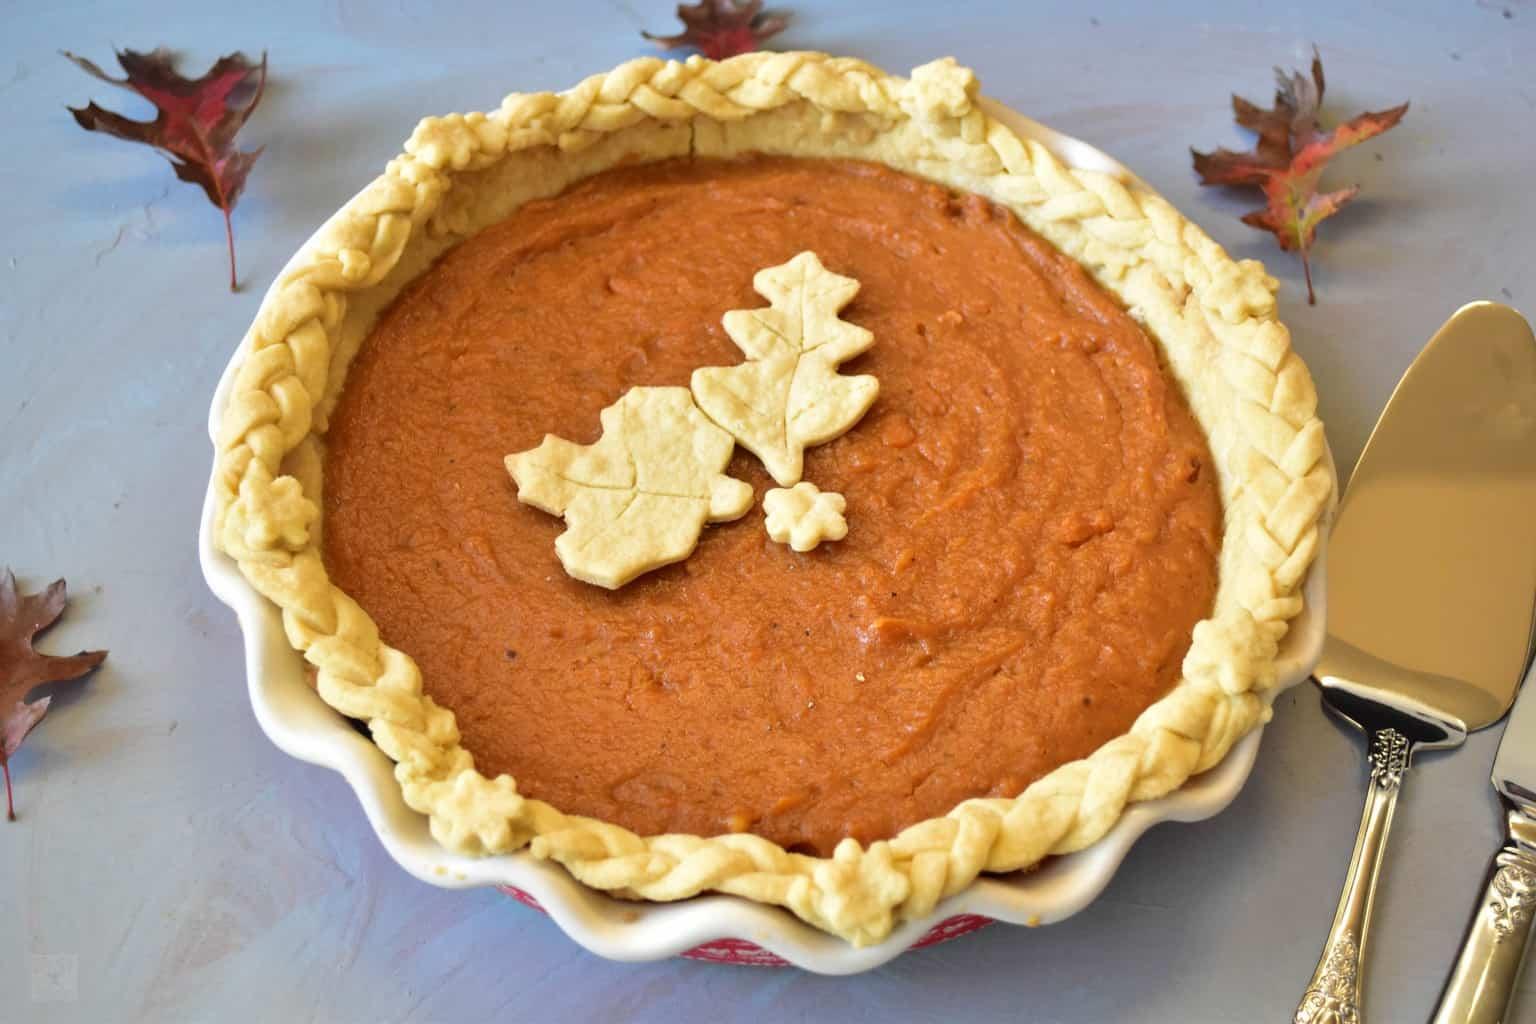 """<img src=""""https://cdn.shortpixel.ai/client/q_glossy,ret_img,w_1536,h_1024/Sweet potato pie .jpg"""" alt="""" Sweet potato pie made from scratch """">"""